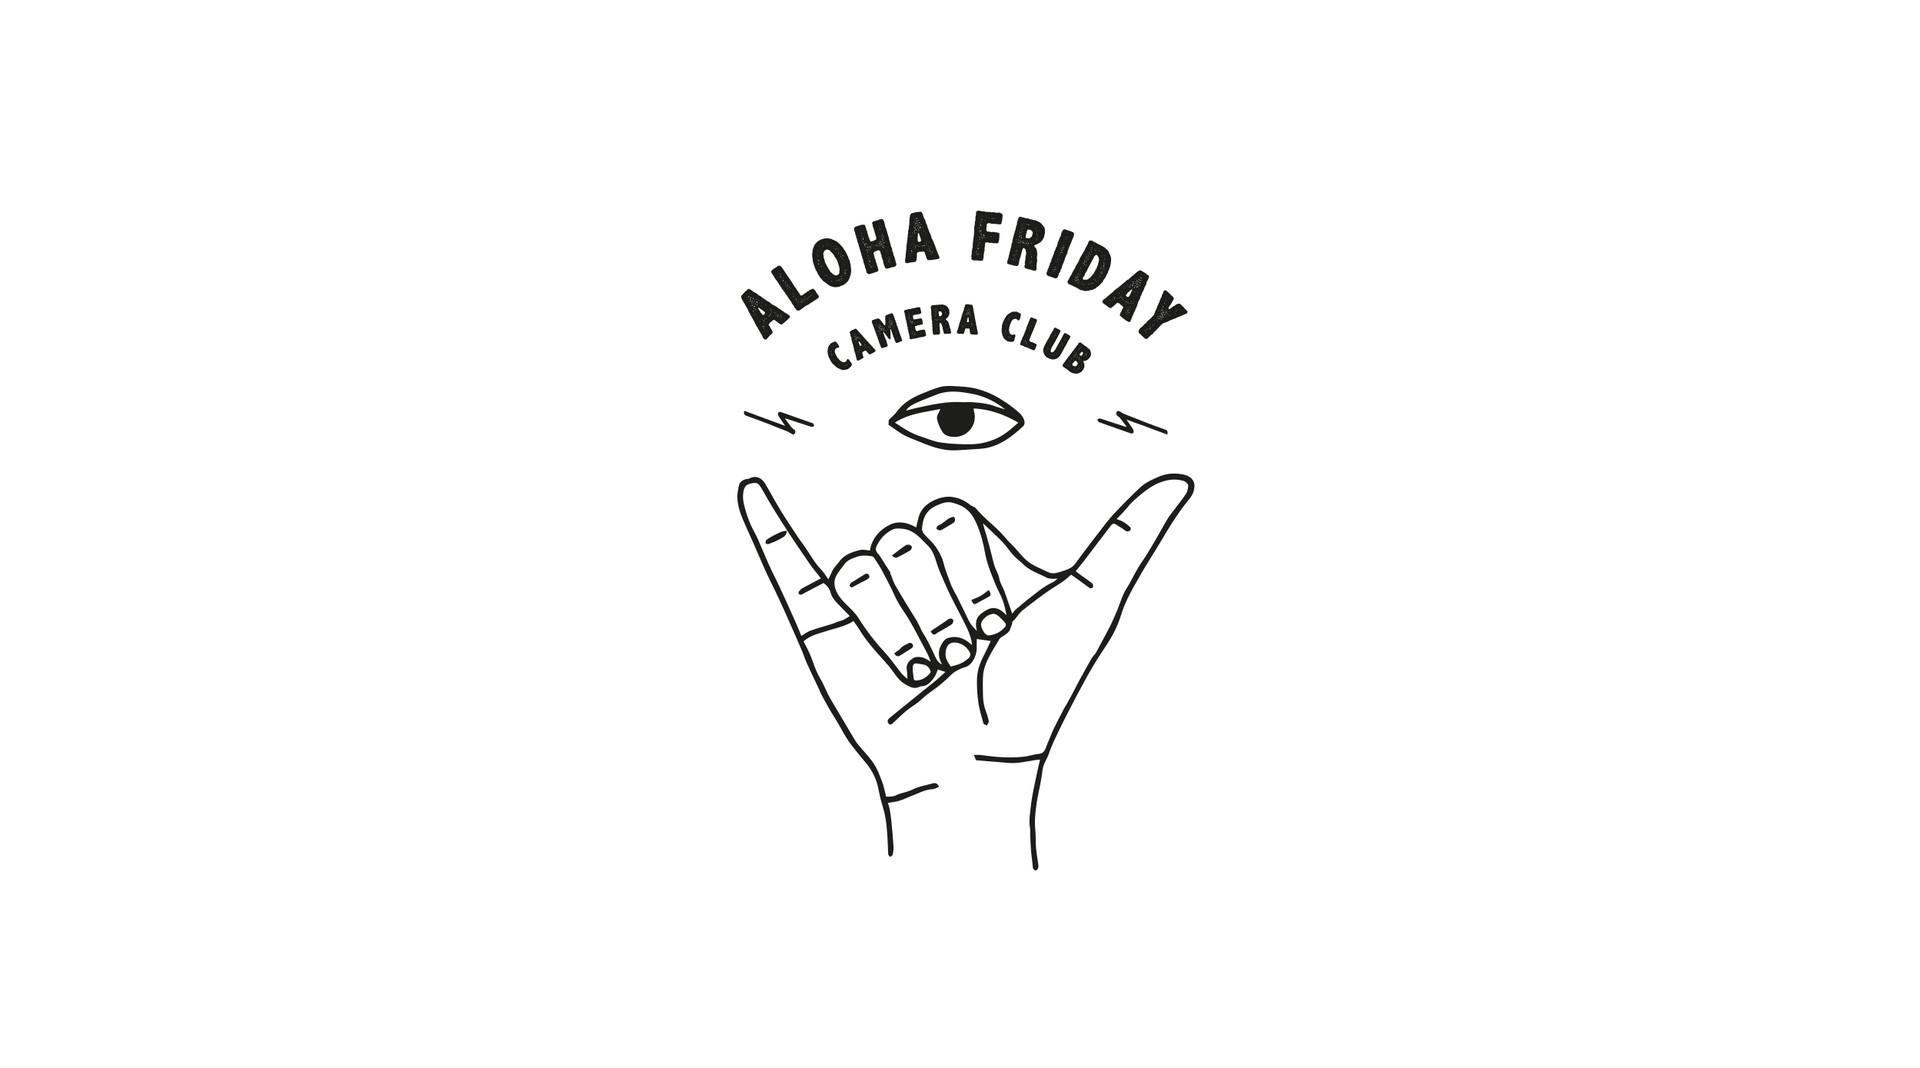 ALOHA-FRIDAY-CAMERA-CLUB_06.jpg